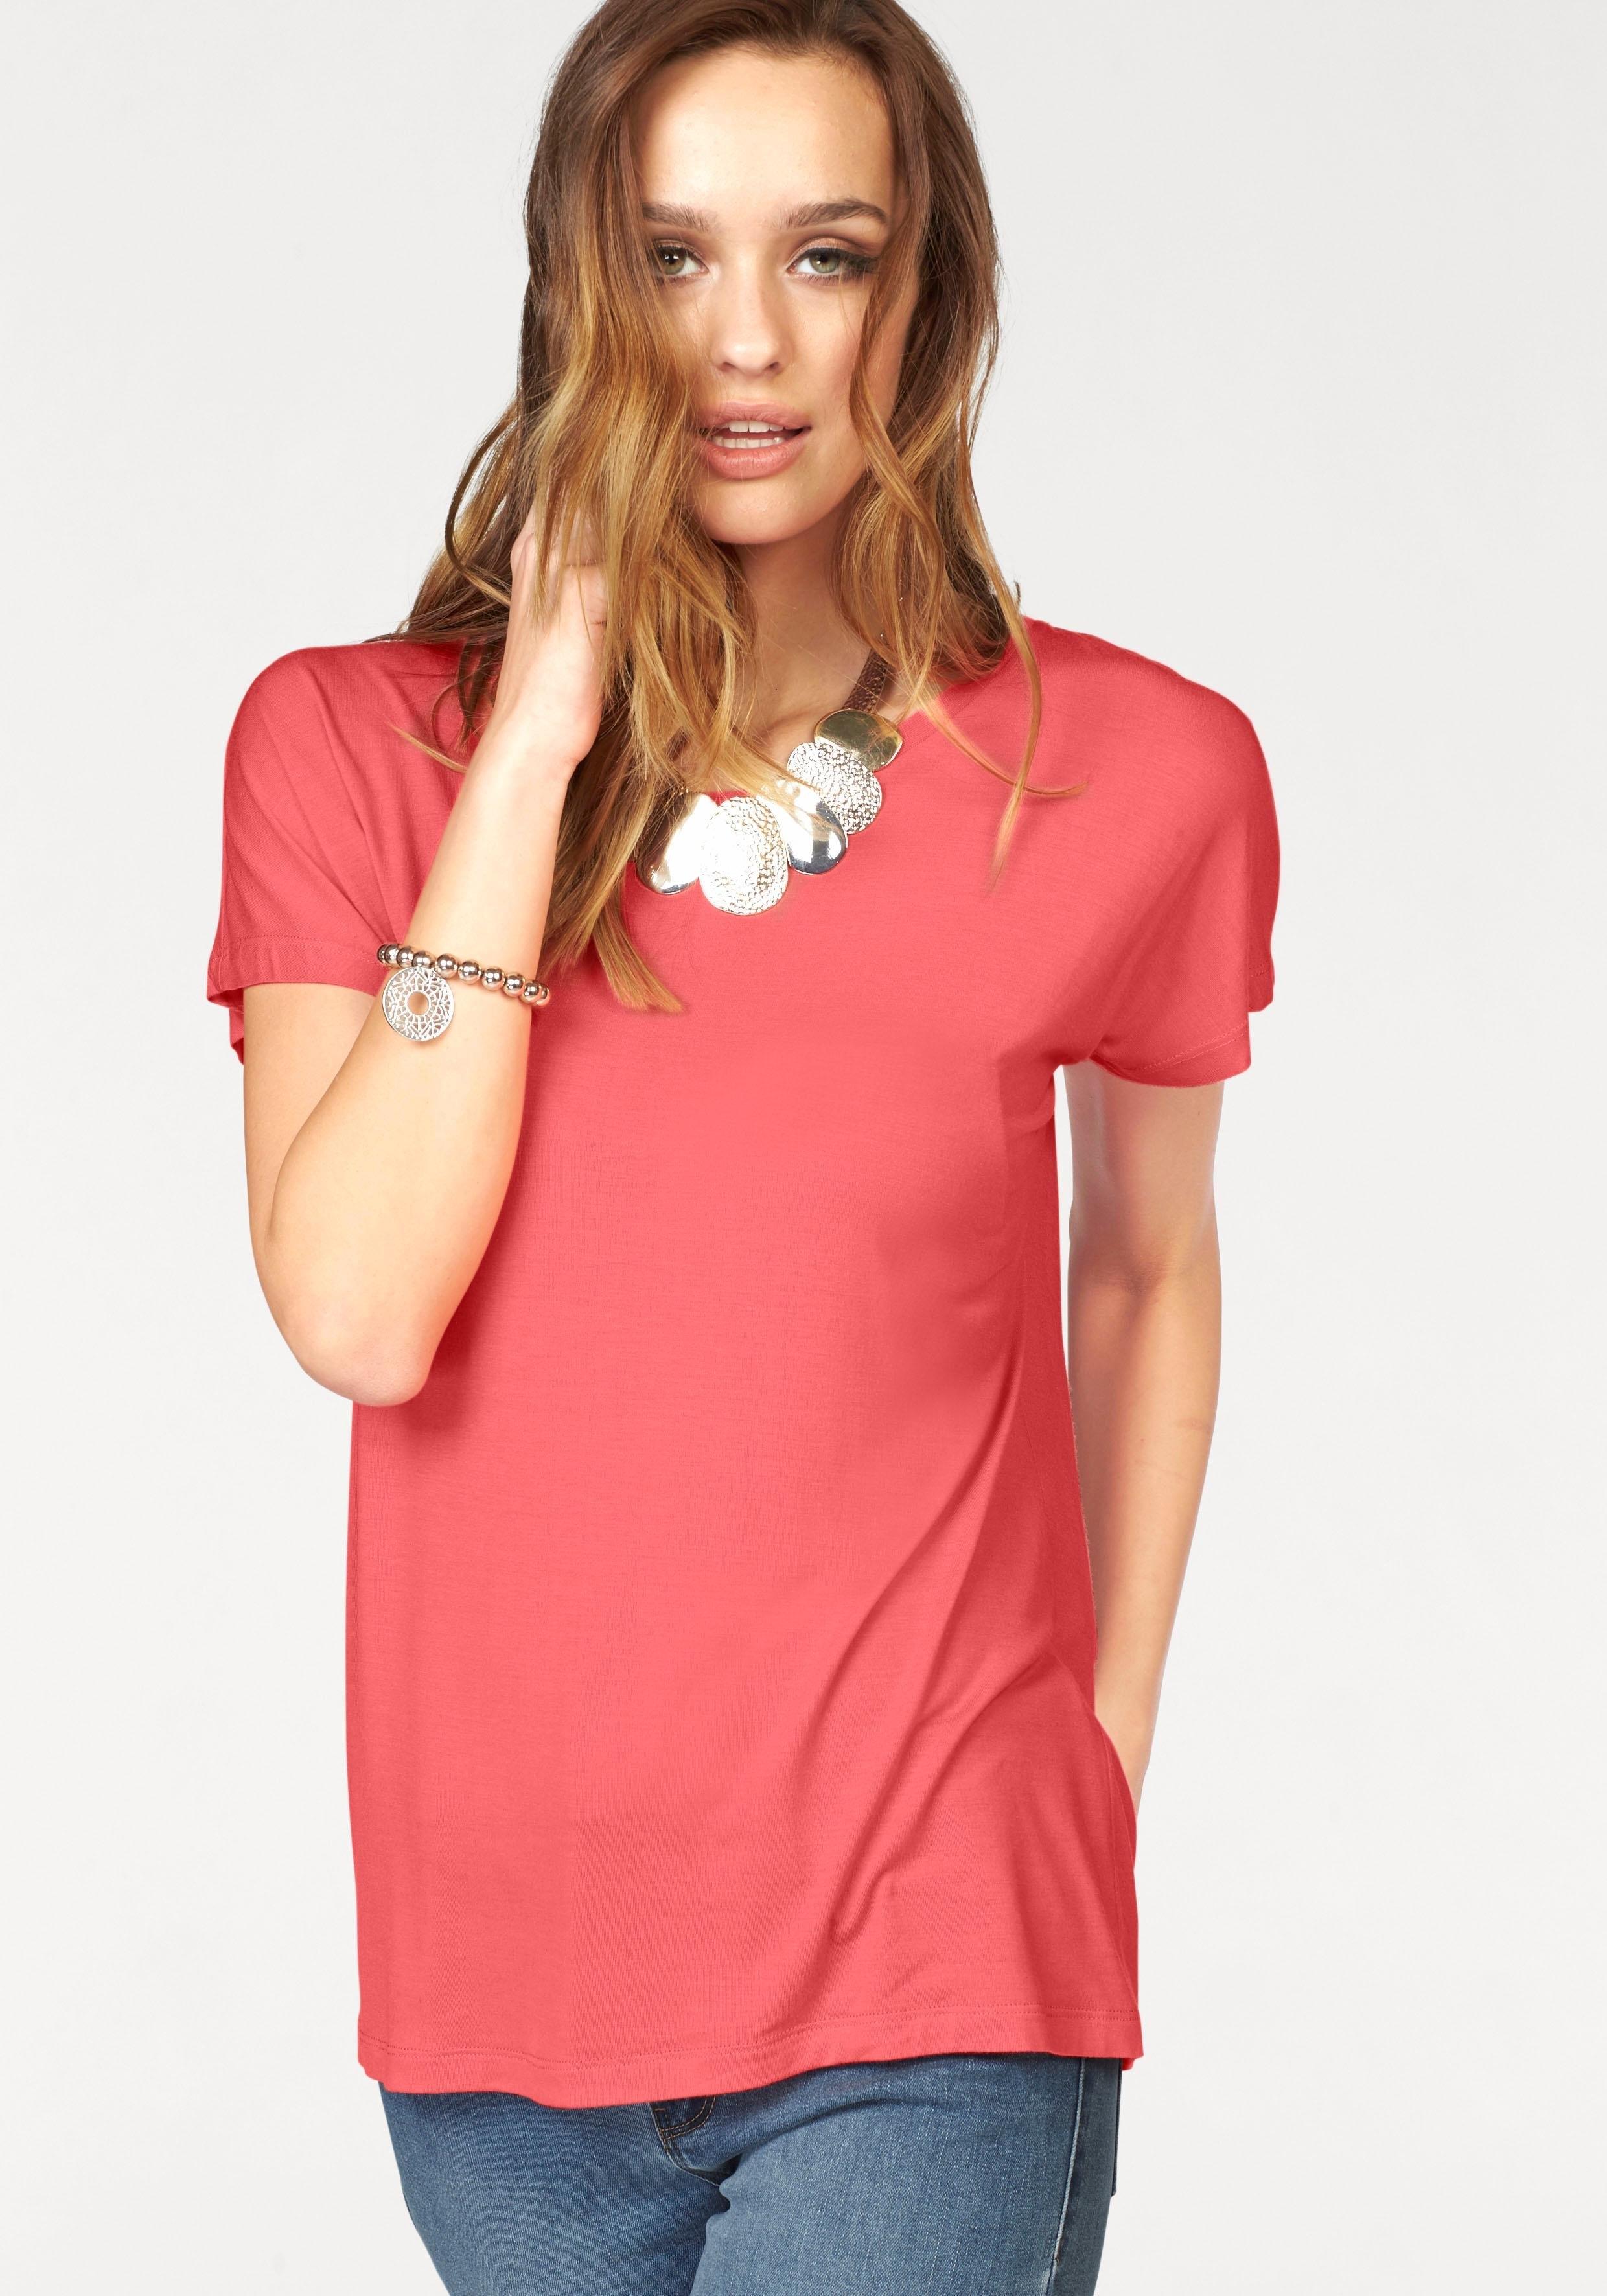 VERO MODA shirt met ronde hals »CHARLY« - gratis ruilen op otto.nl